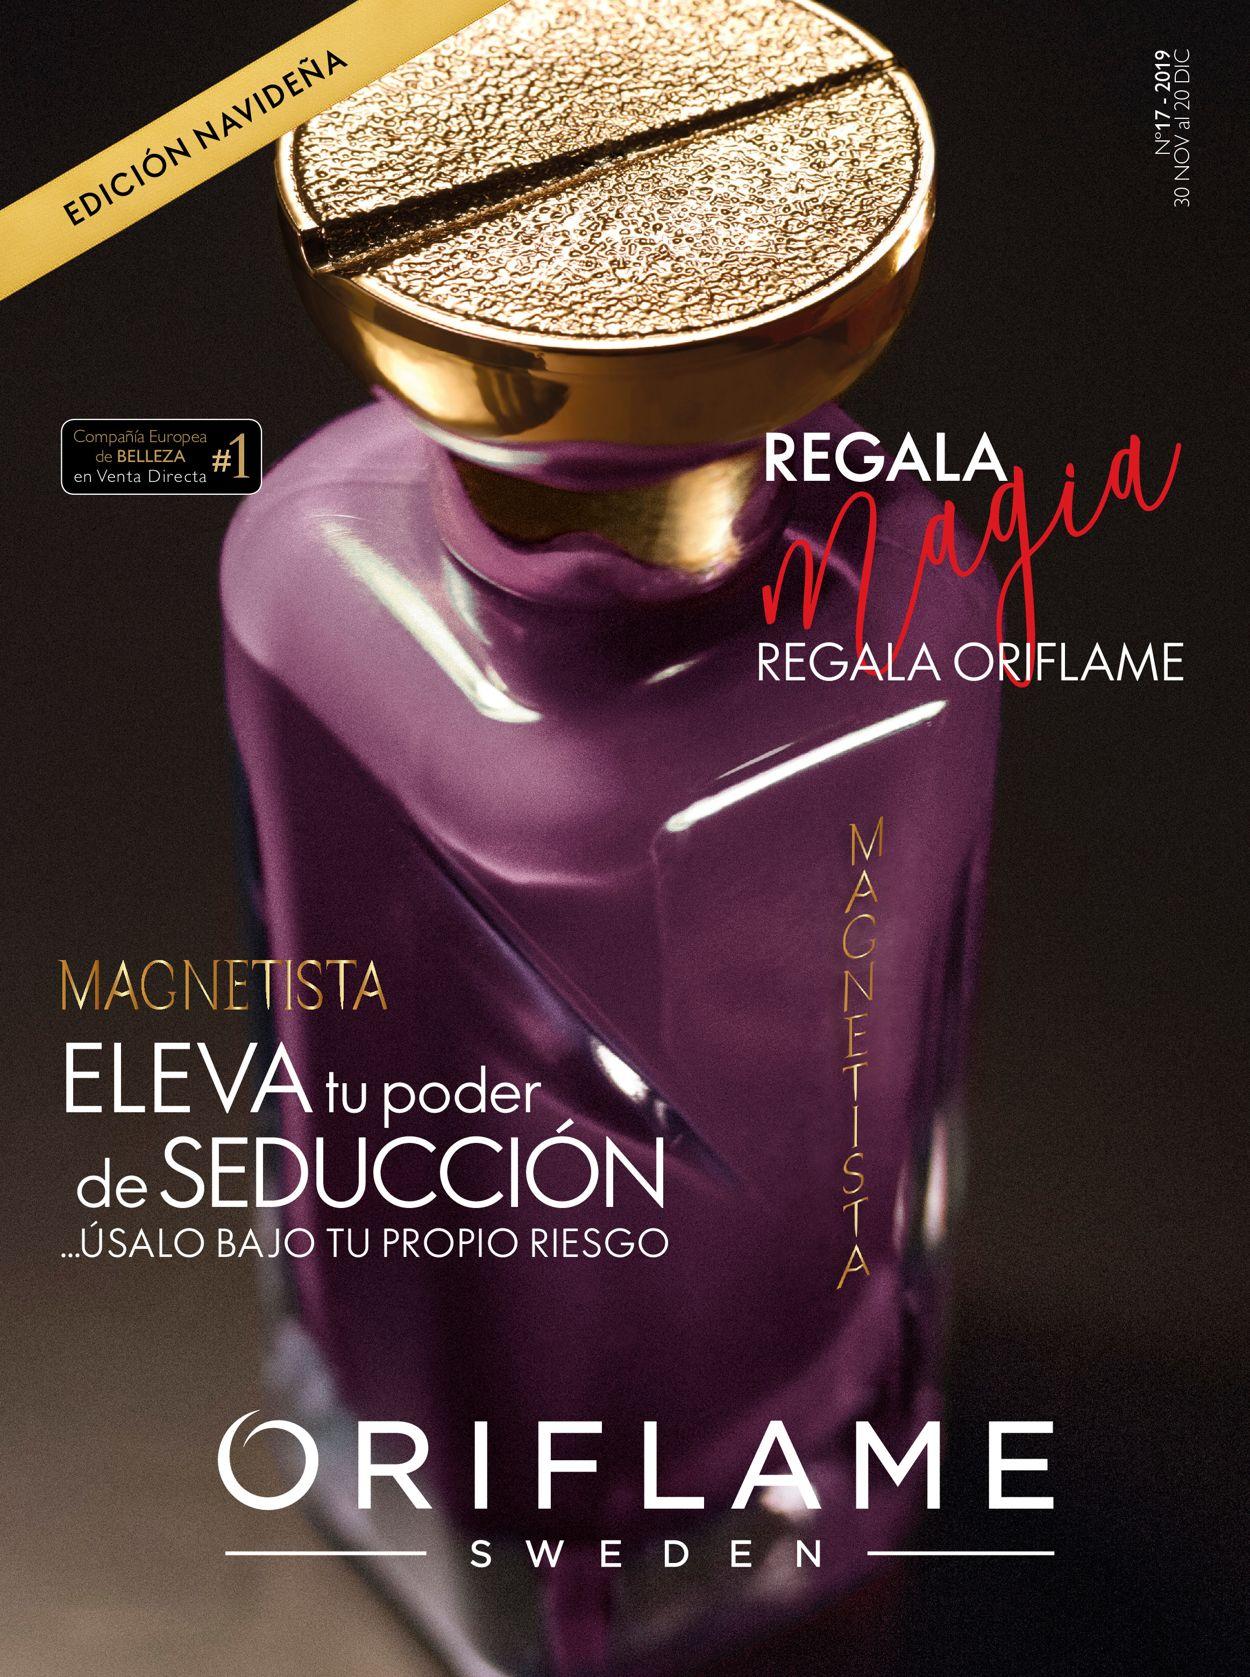 Oriflame Folleto - 30.11-20.12.2019